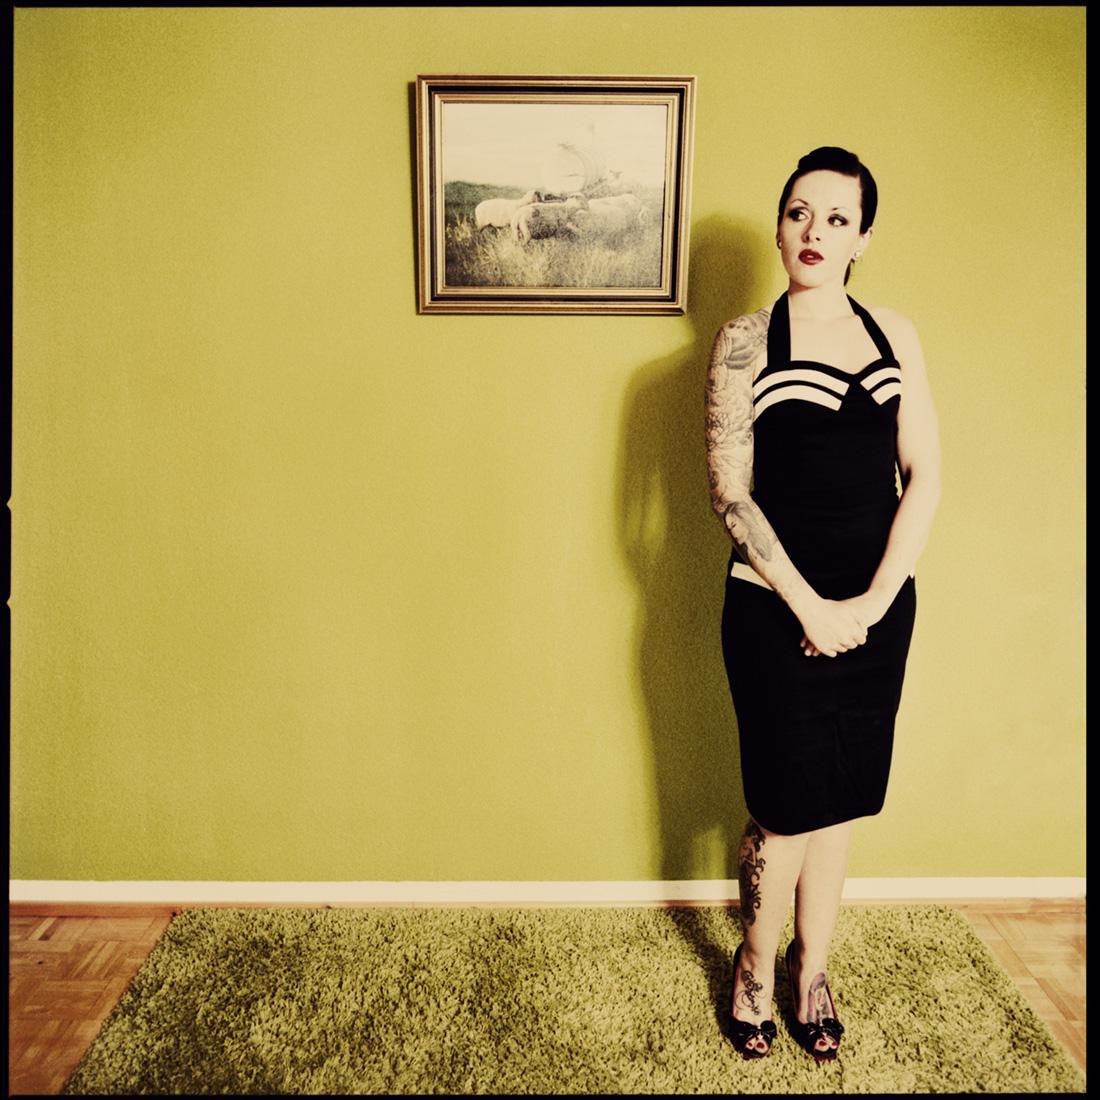 retro-fashion-portrait von anna in ihrem wohnzimmer, im stil der 50er Jahre - kuenstlerische portraitshootings in marburg und umgebung